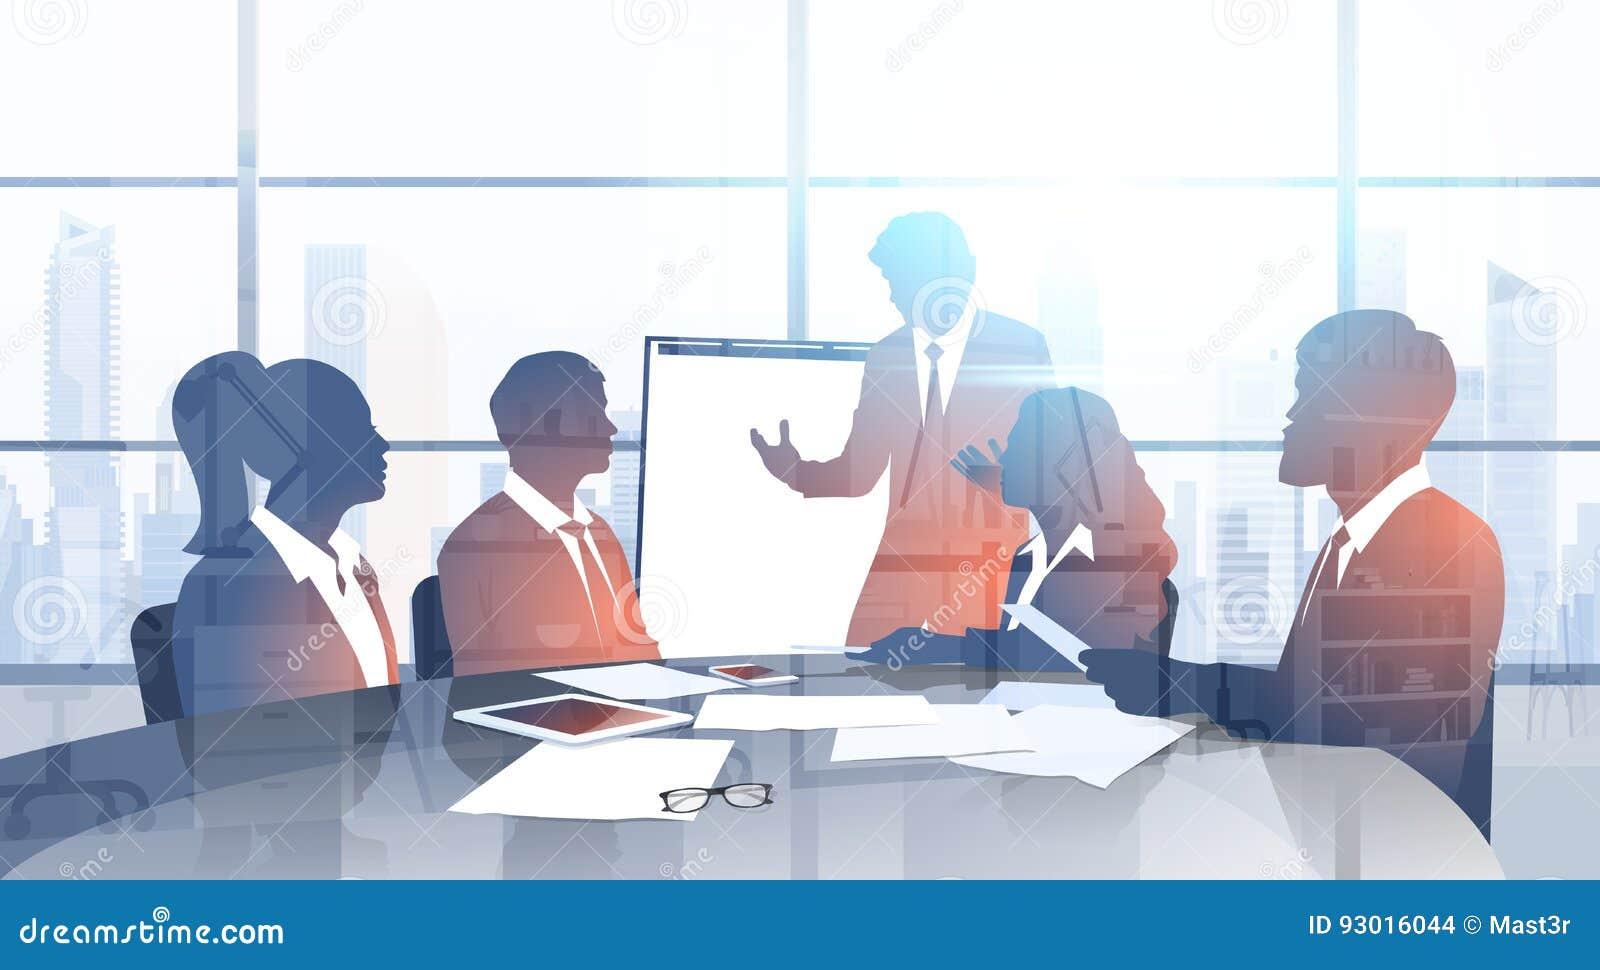 Sylwetki drużyny Z trzepnięcie mapy Brainstorming Seminaryjną Stażową Konferencyjną prezentacją W Nowożytnym biurze ludzie biznes